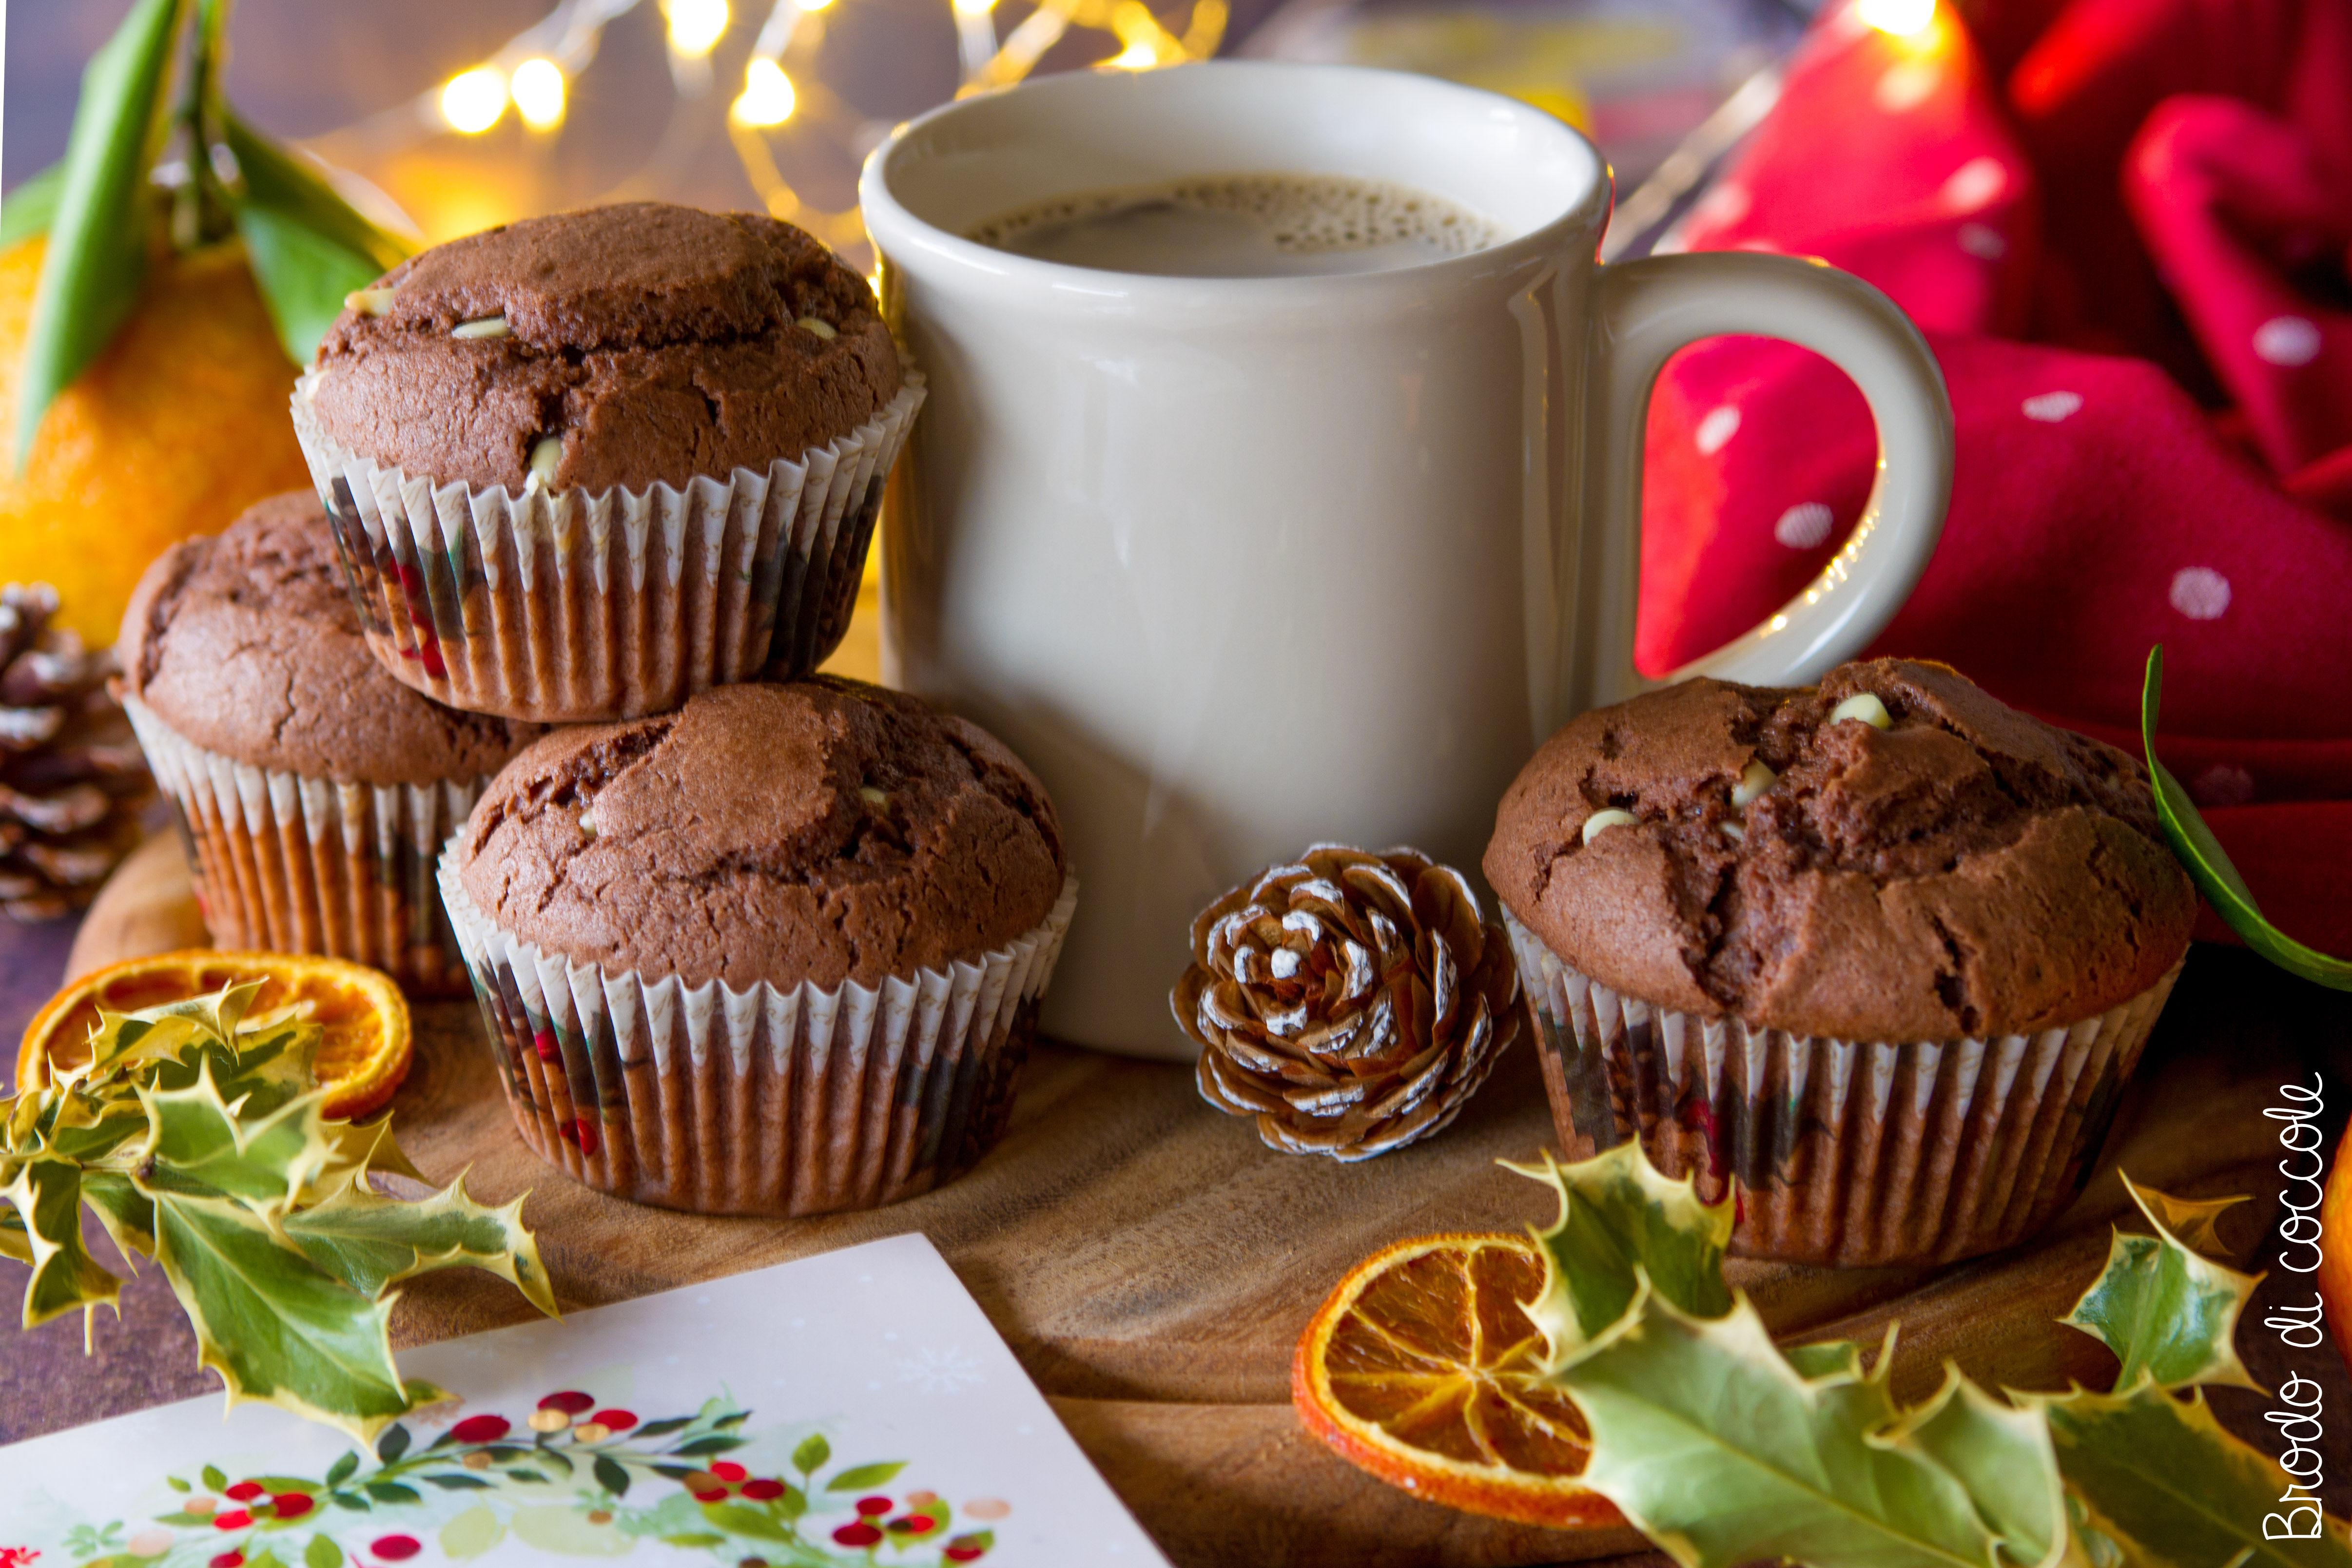 Muffin con arancio e cioccolato